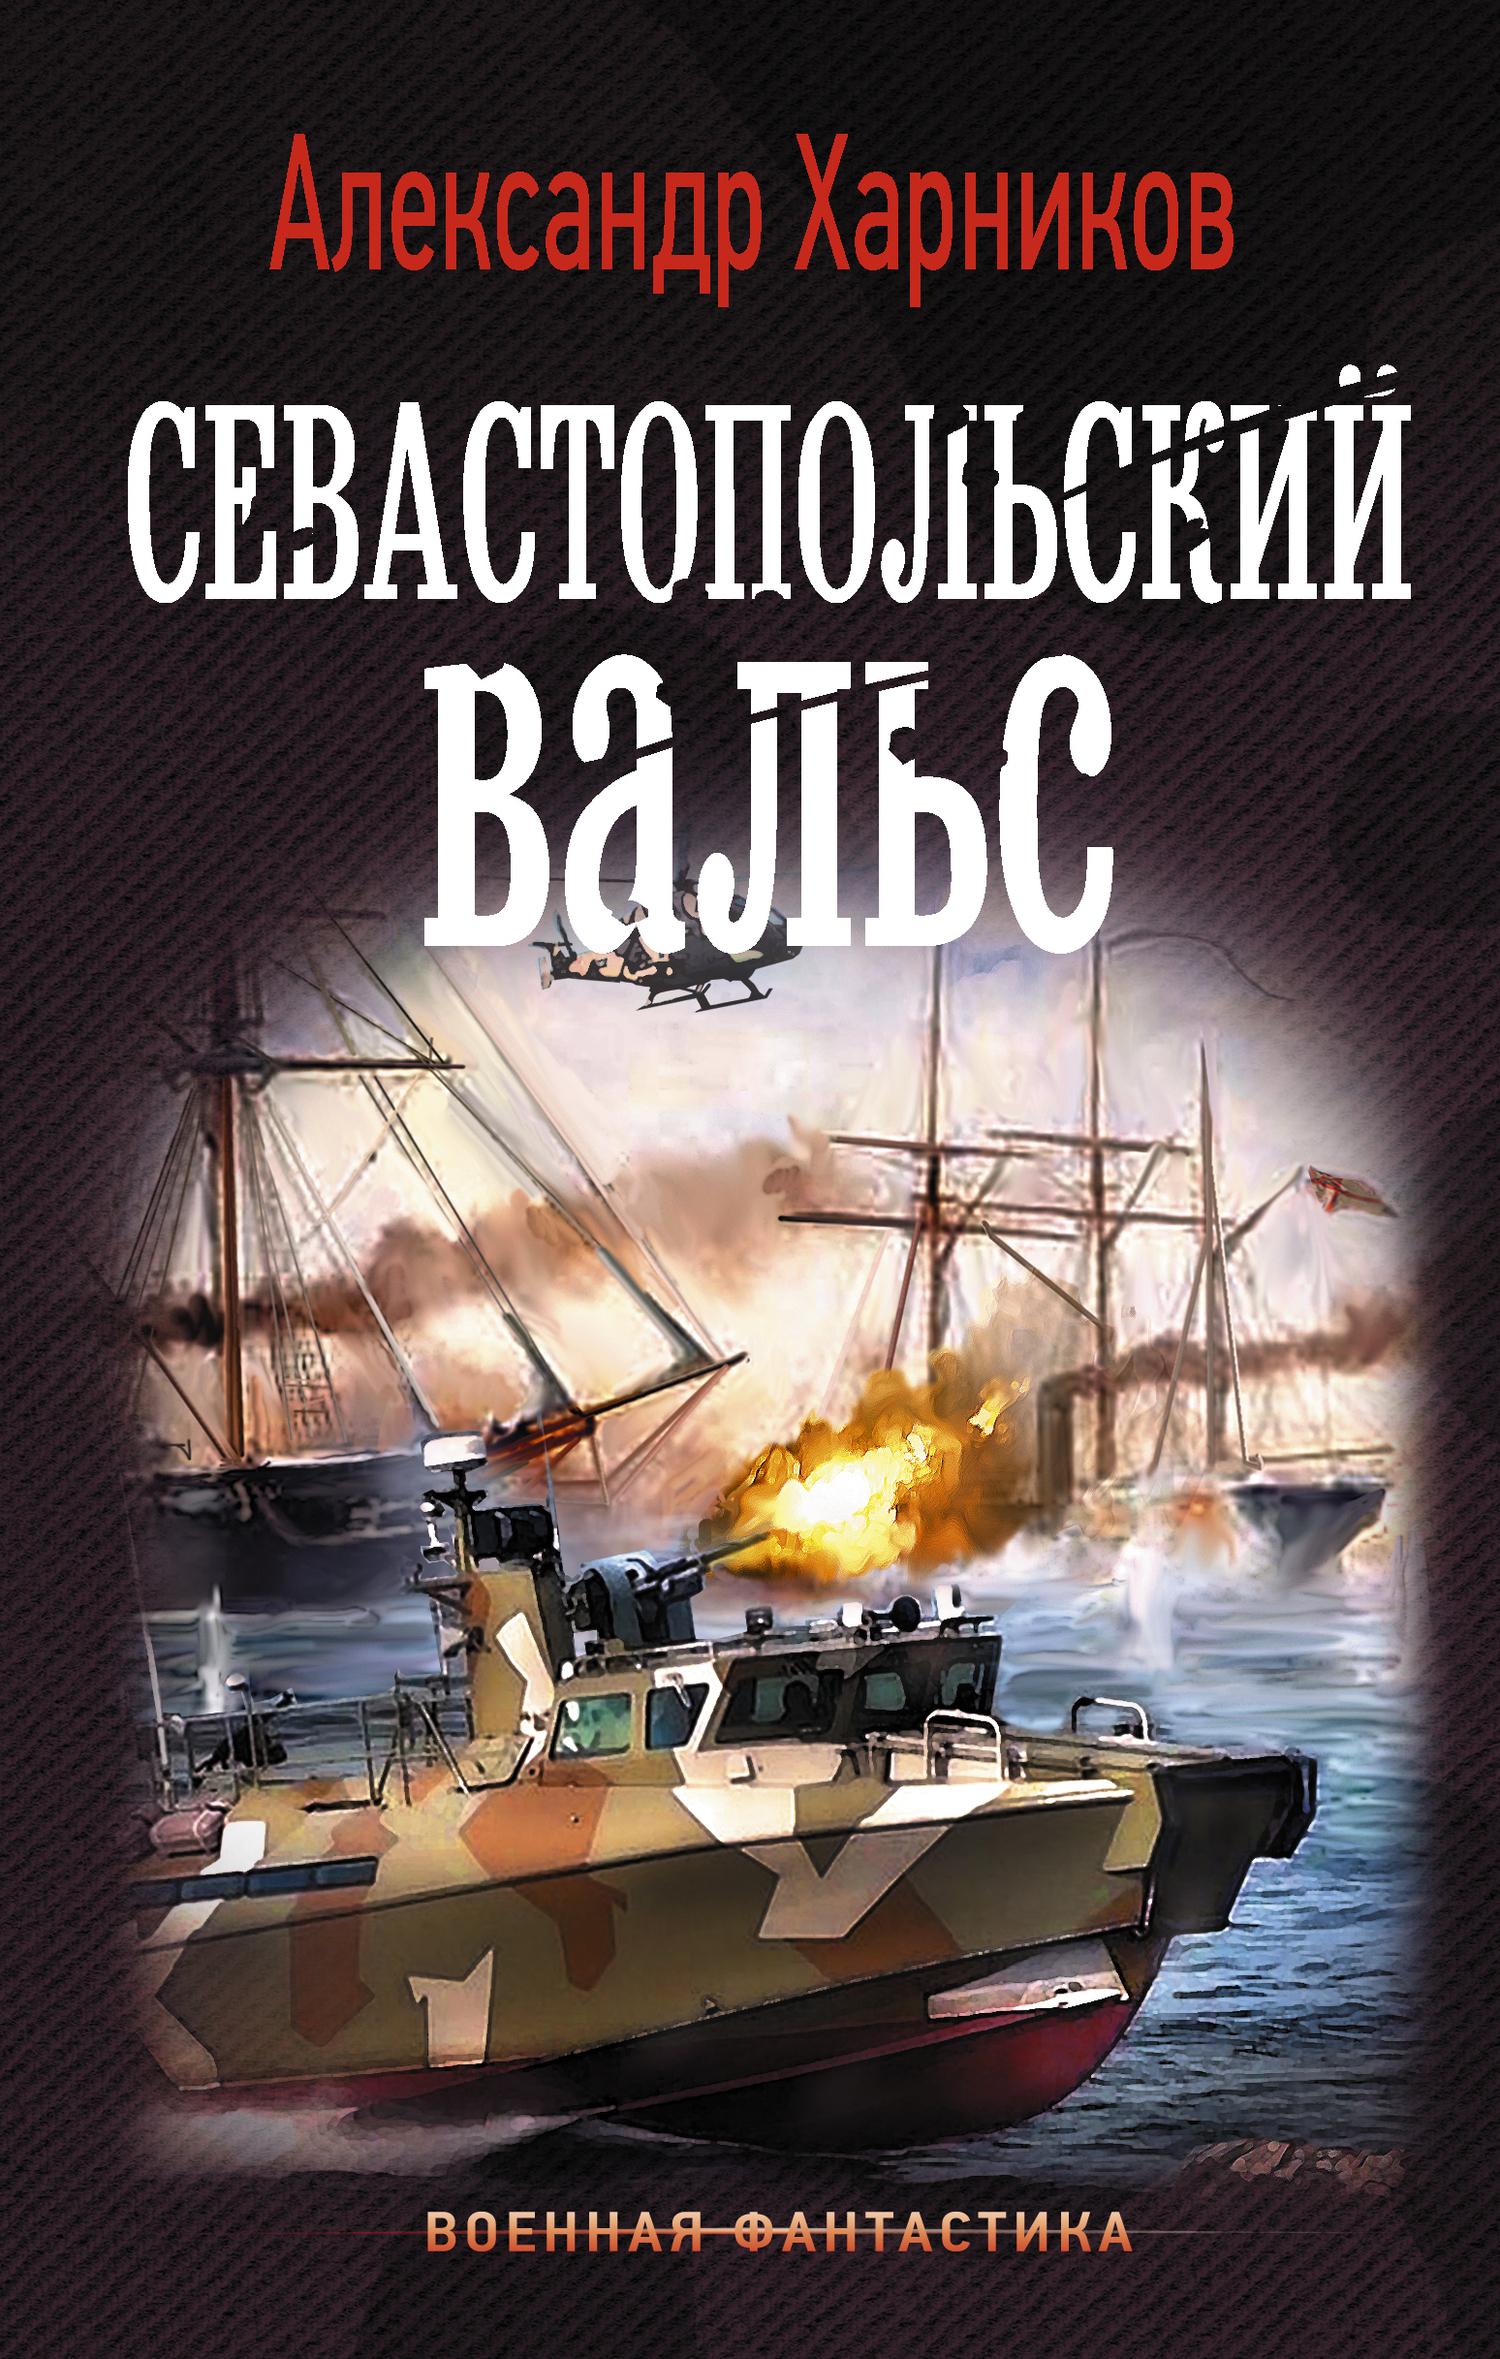 Обложка книги Севастопольский вальс, автор Александр Харников